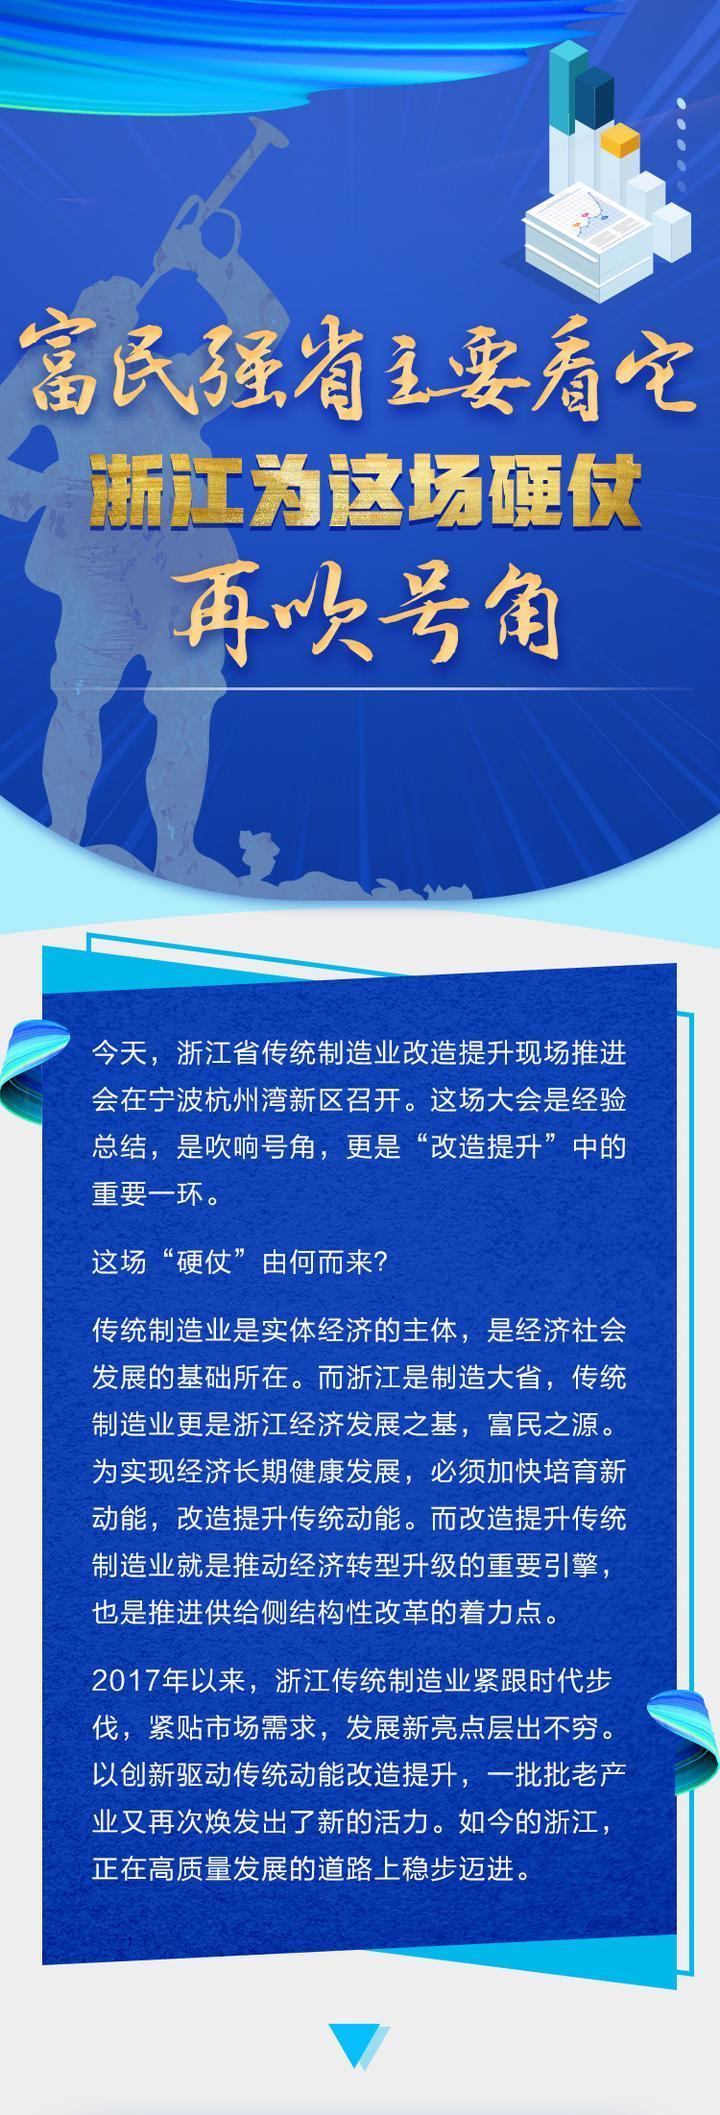 富民强省主要看它 这场重量级会议今天在宁波召开